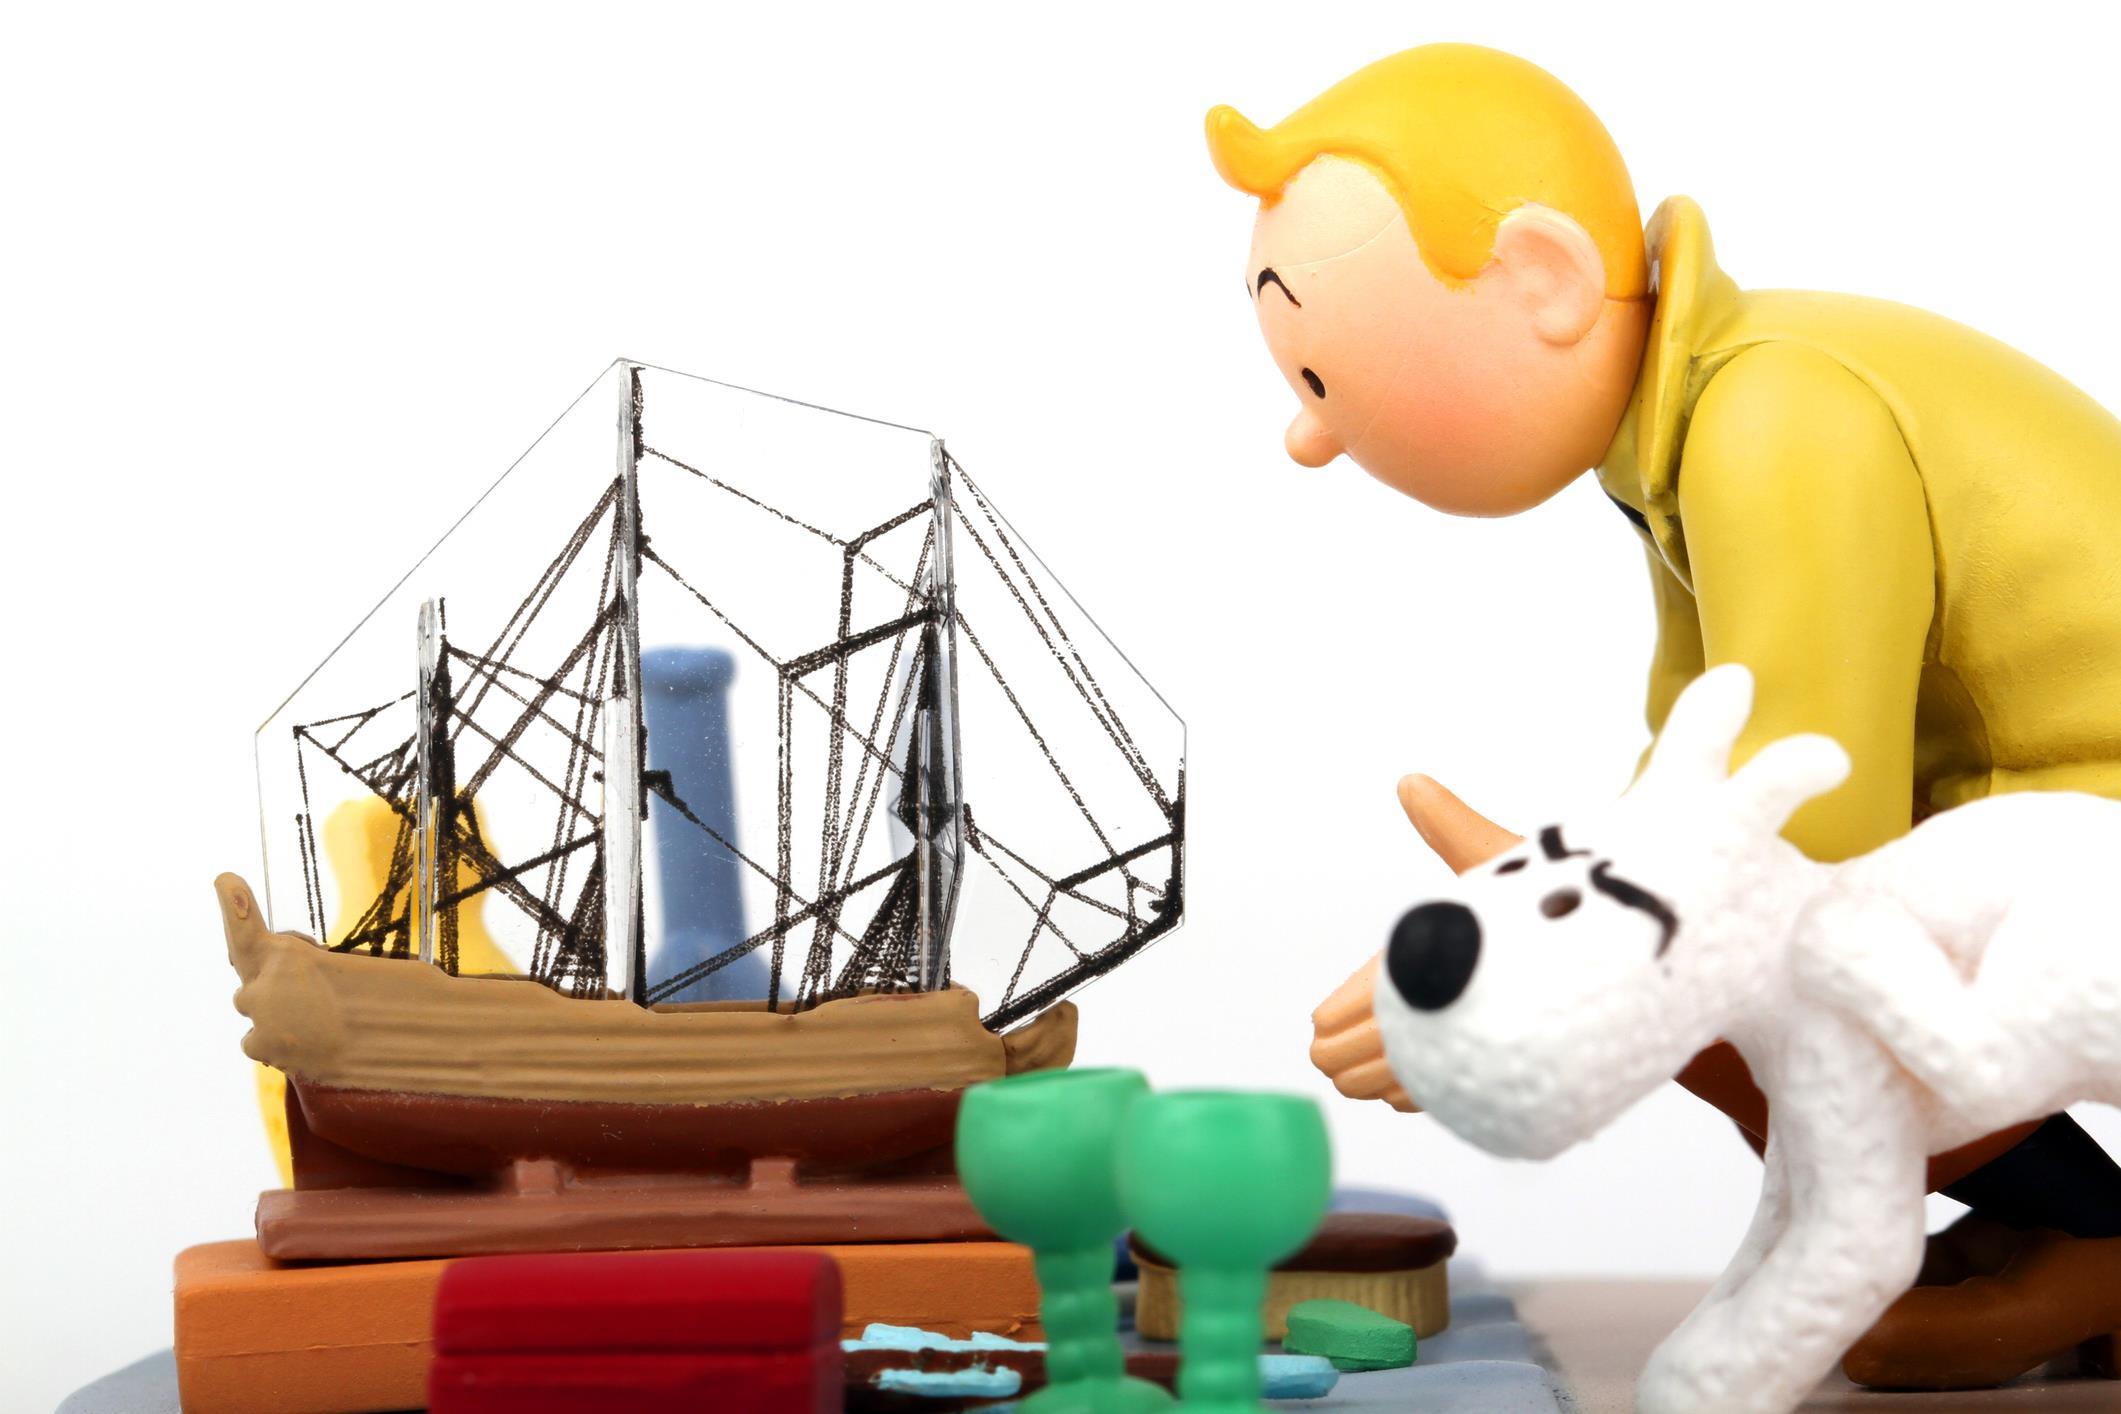 Pupazzi che riproducono Tintin e il suo cane